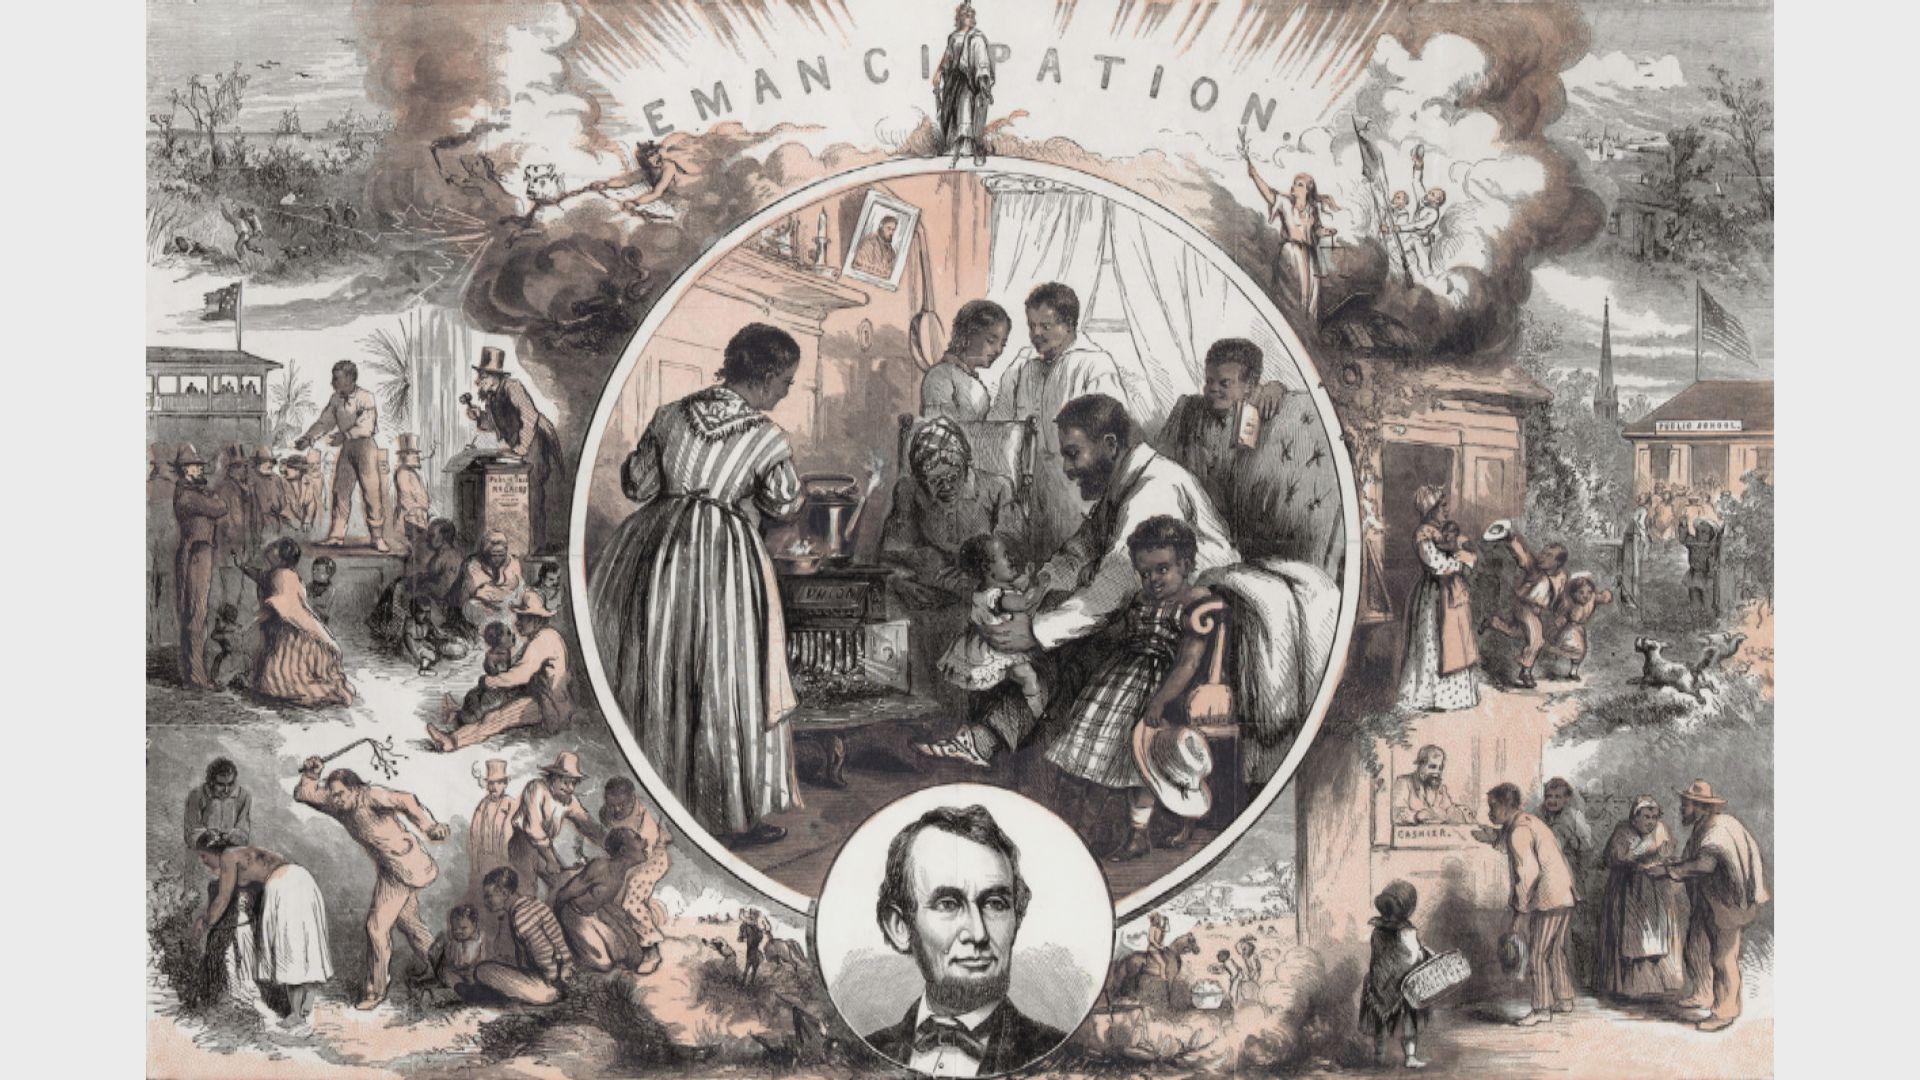 【環球薈報】美國會通過六月紀念解放黑奴節作聯邦假期